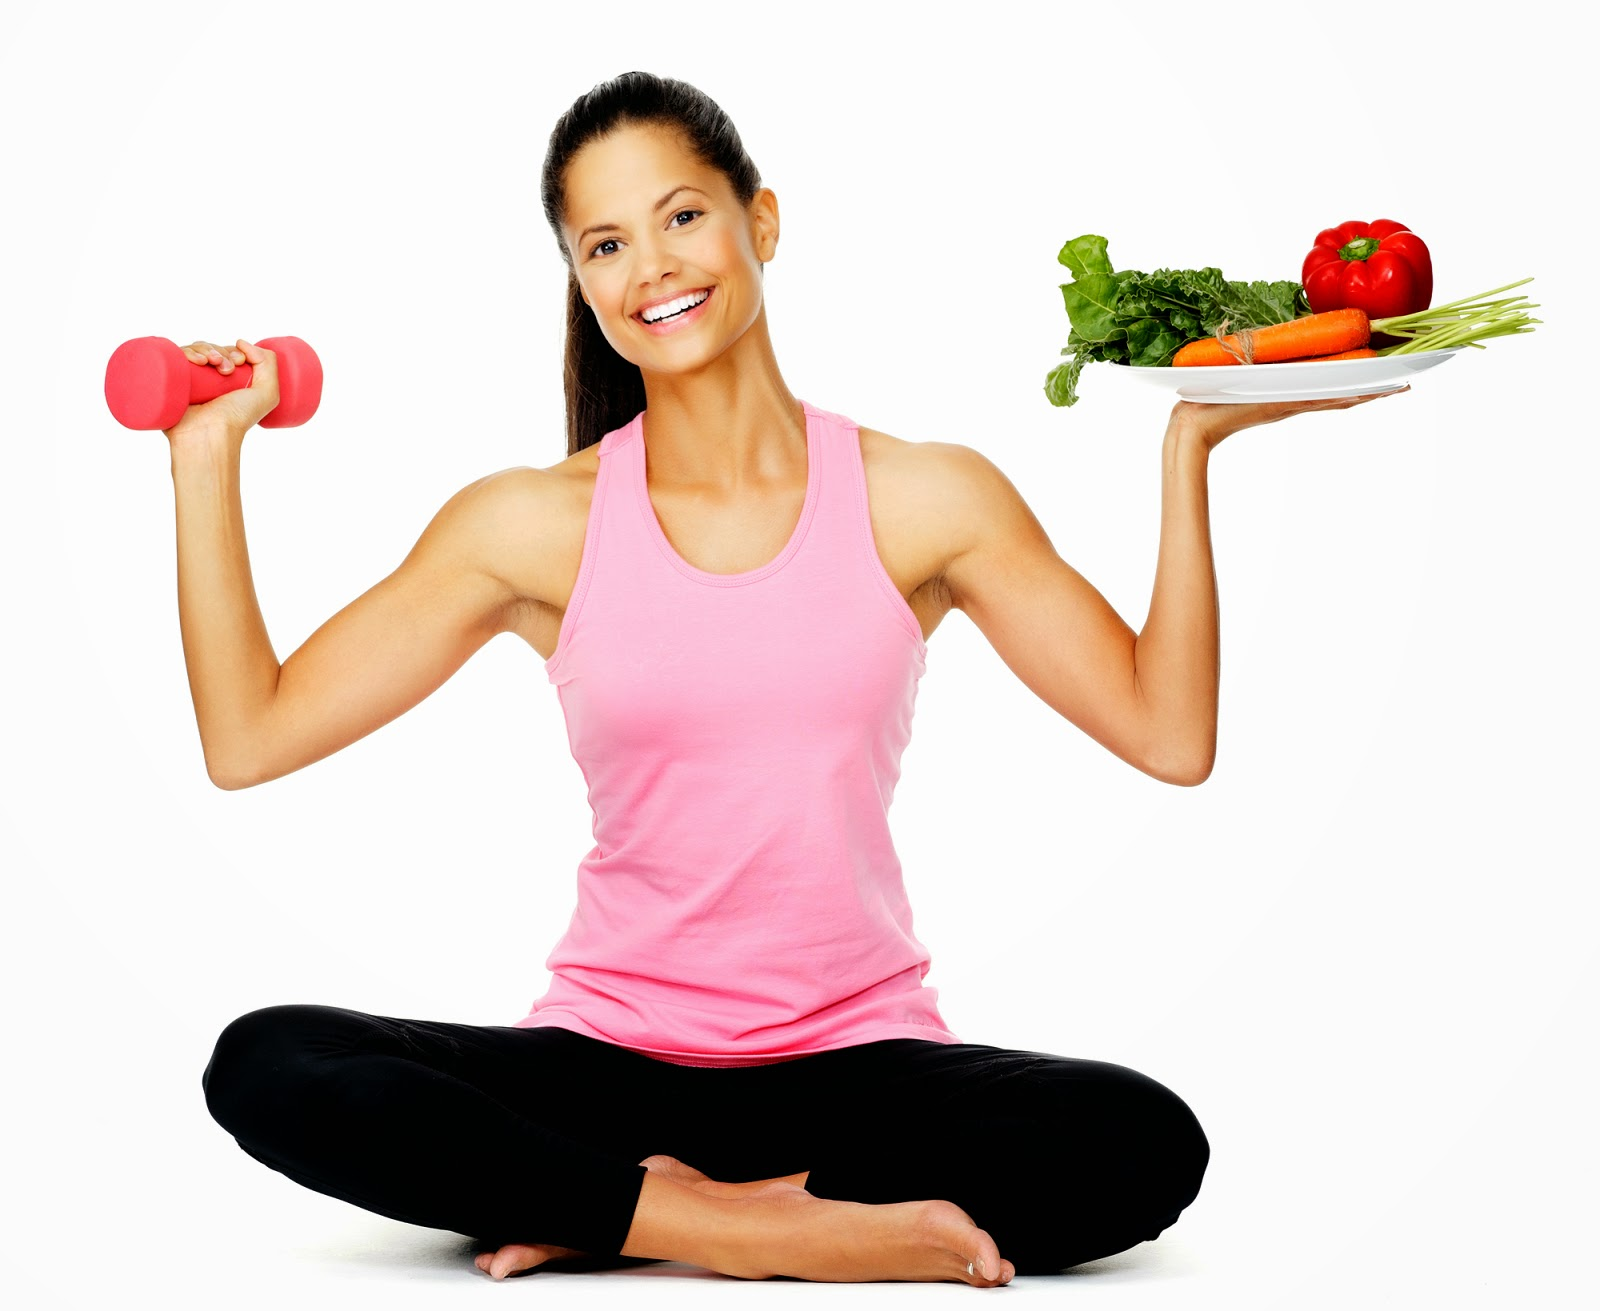 Активный Способ Похудения. 12 хитростей, которые реально помогут вам быстро похудеть в домашних условиях